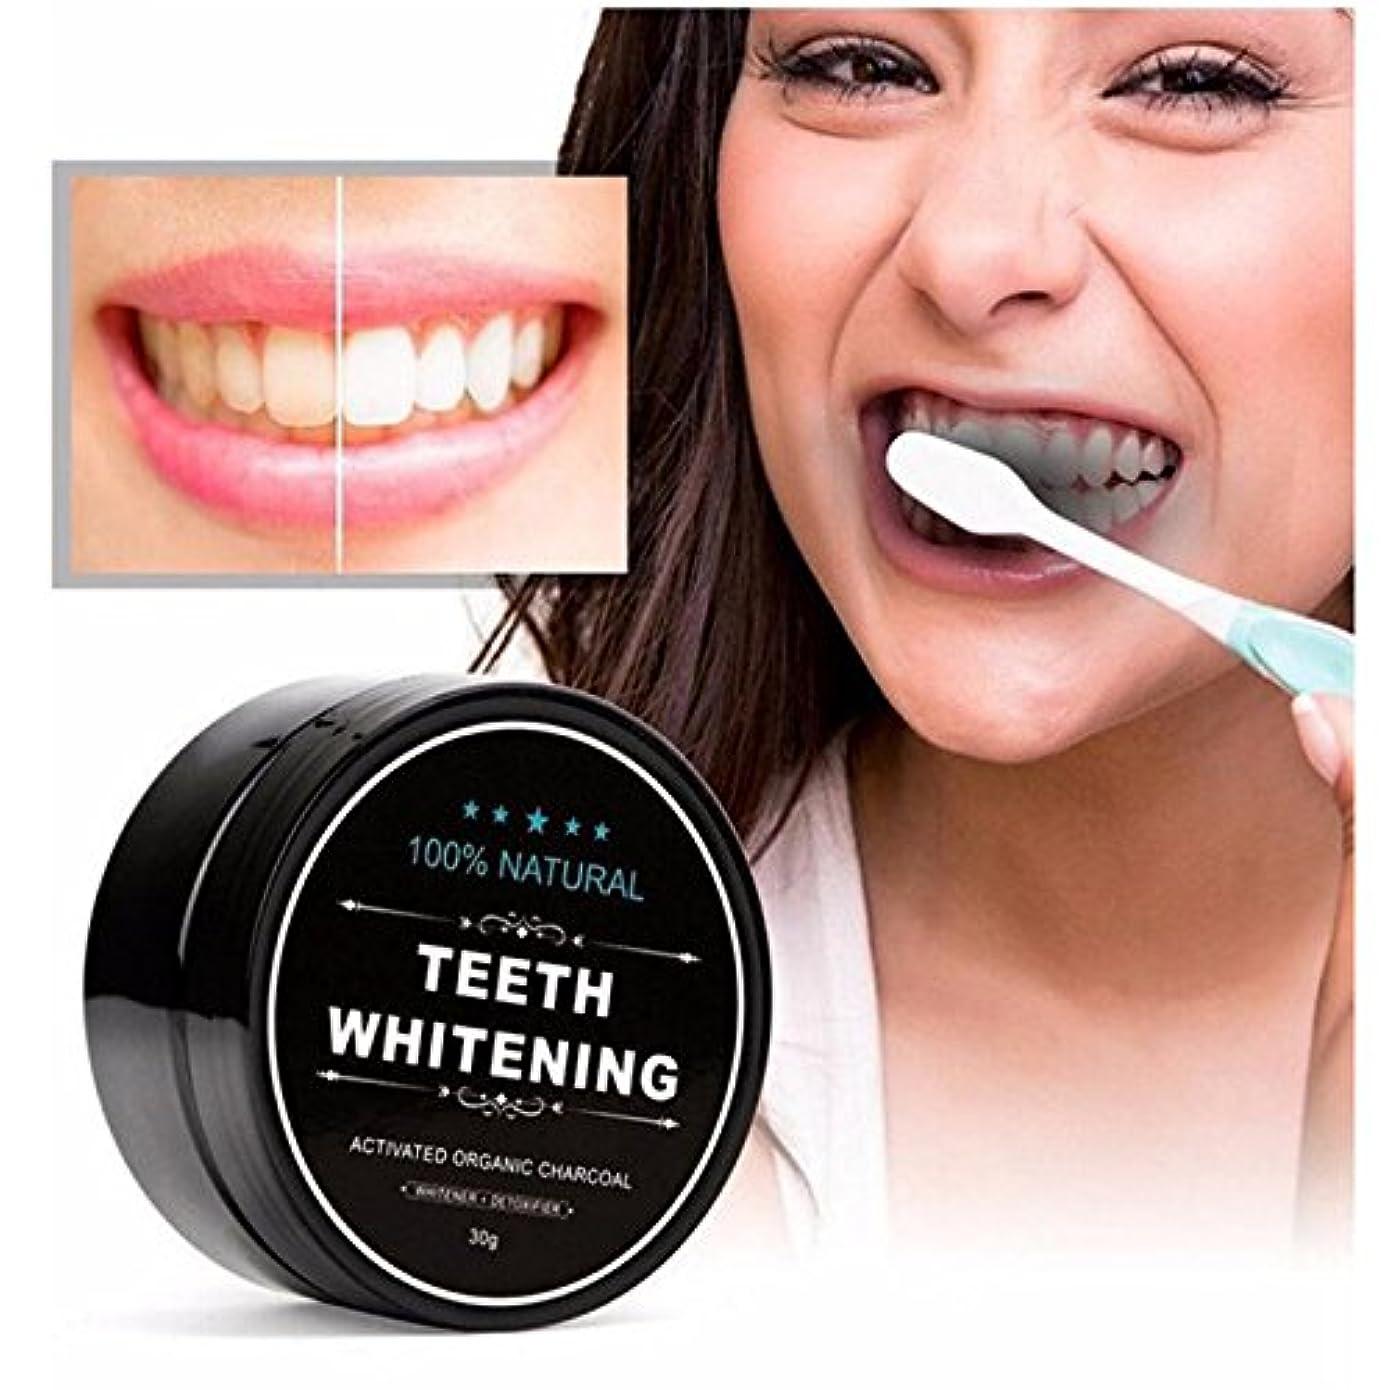 降ろす発明シリングOral Dentistryチャコールホワイトニング 歯磨き粉 歯のホワイトニング 歯磨き剤 食べる活性炭 活性炭パウダー 竹炭 ブラック (1個)